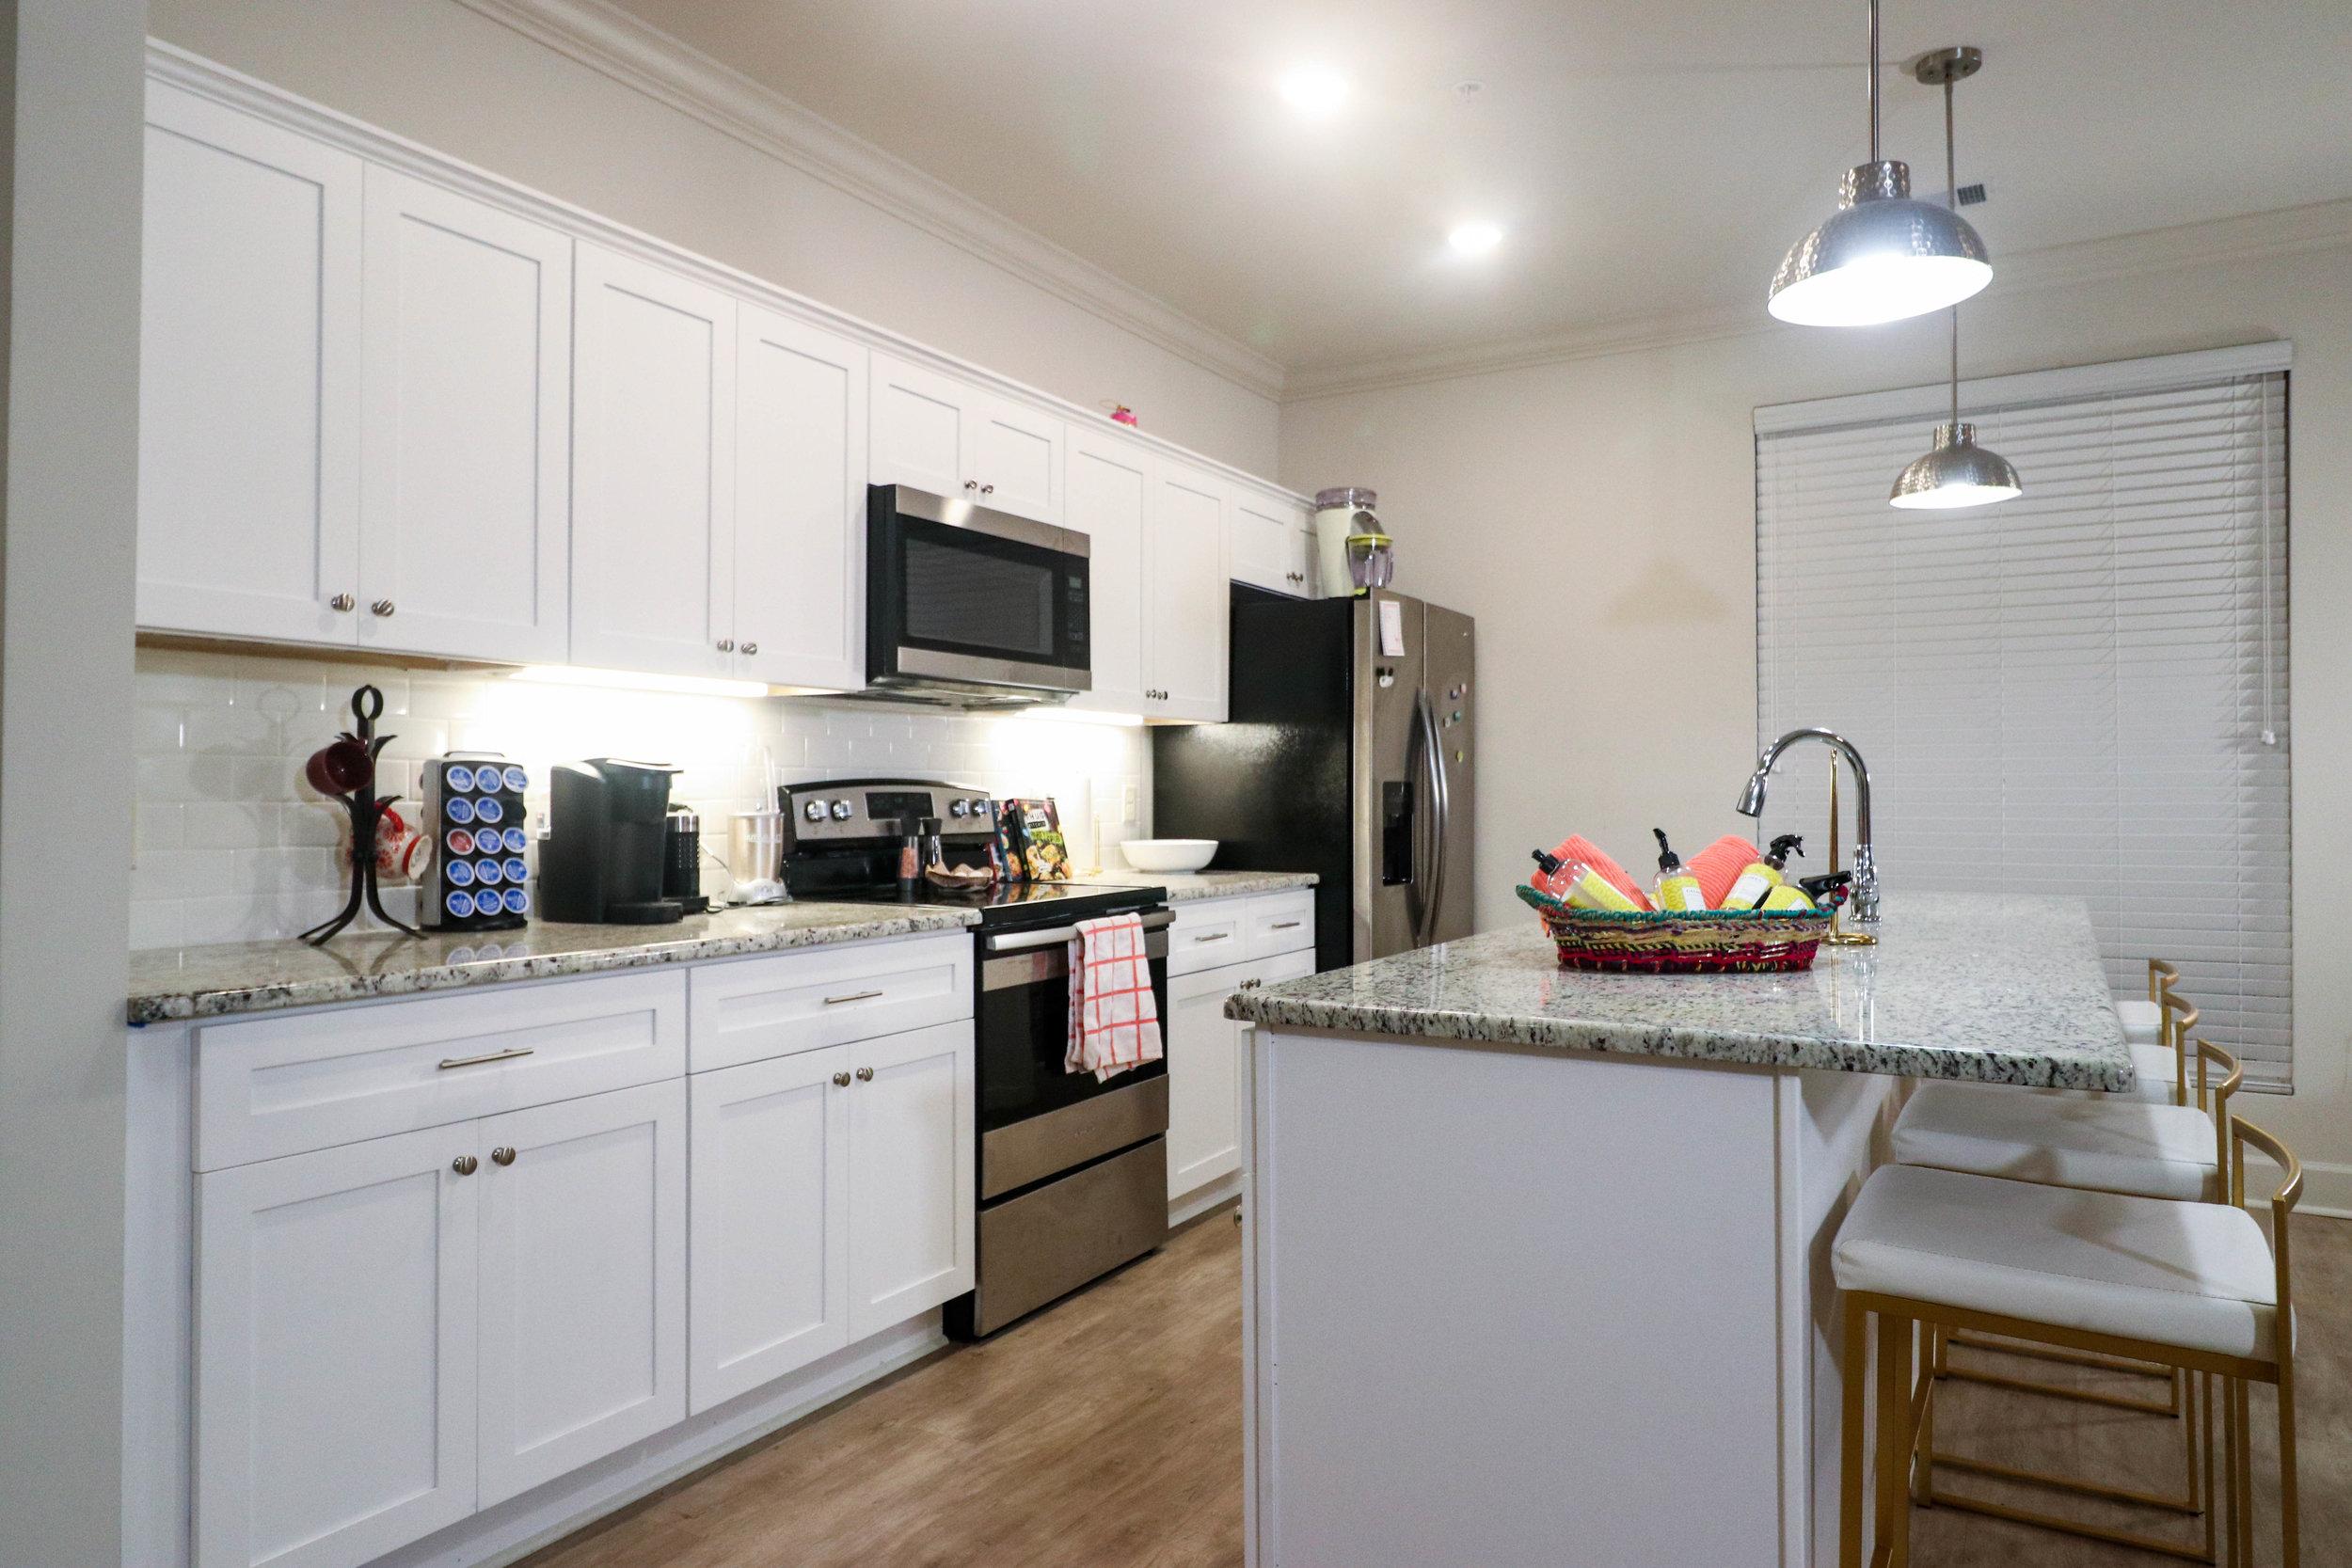 4BR Kitchen.jpg